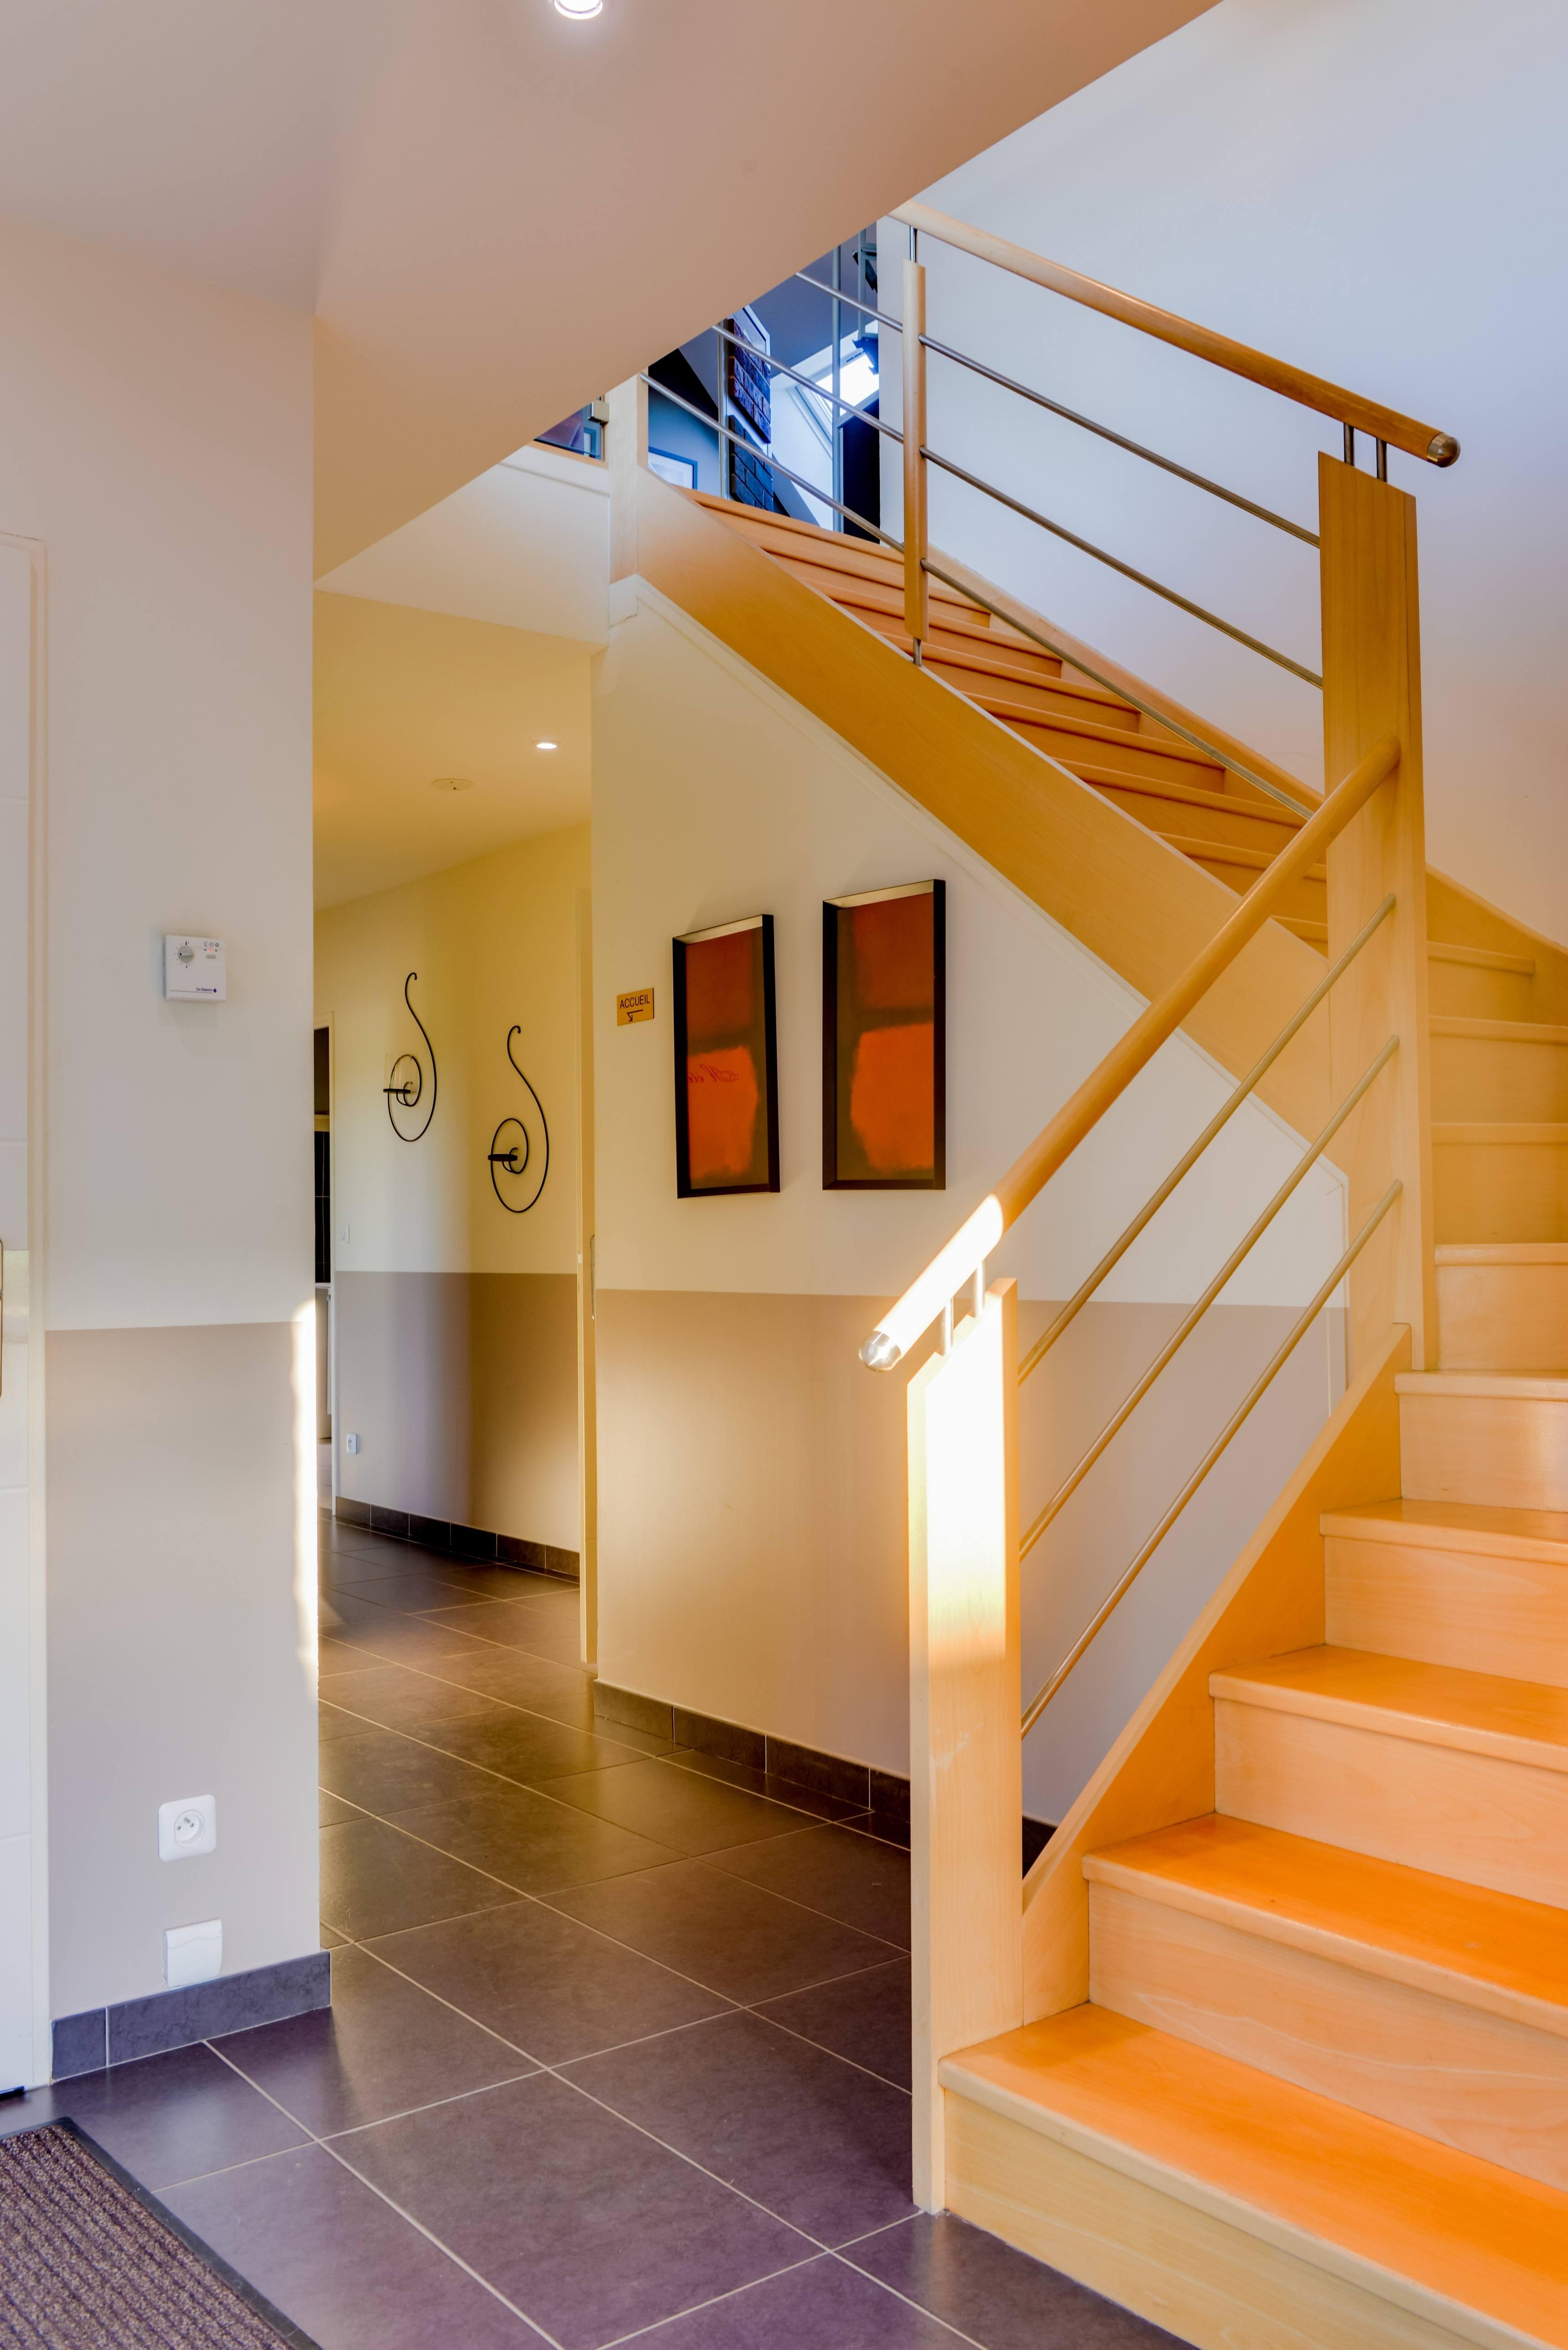 Maisons + Terrains du constructeur MAISON CASTOR • 125 m² • SAINT CLAIR SUR EPTE